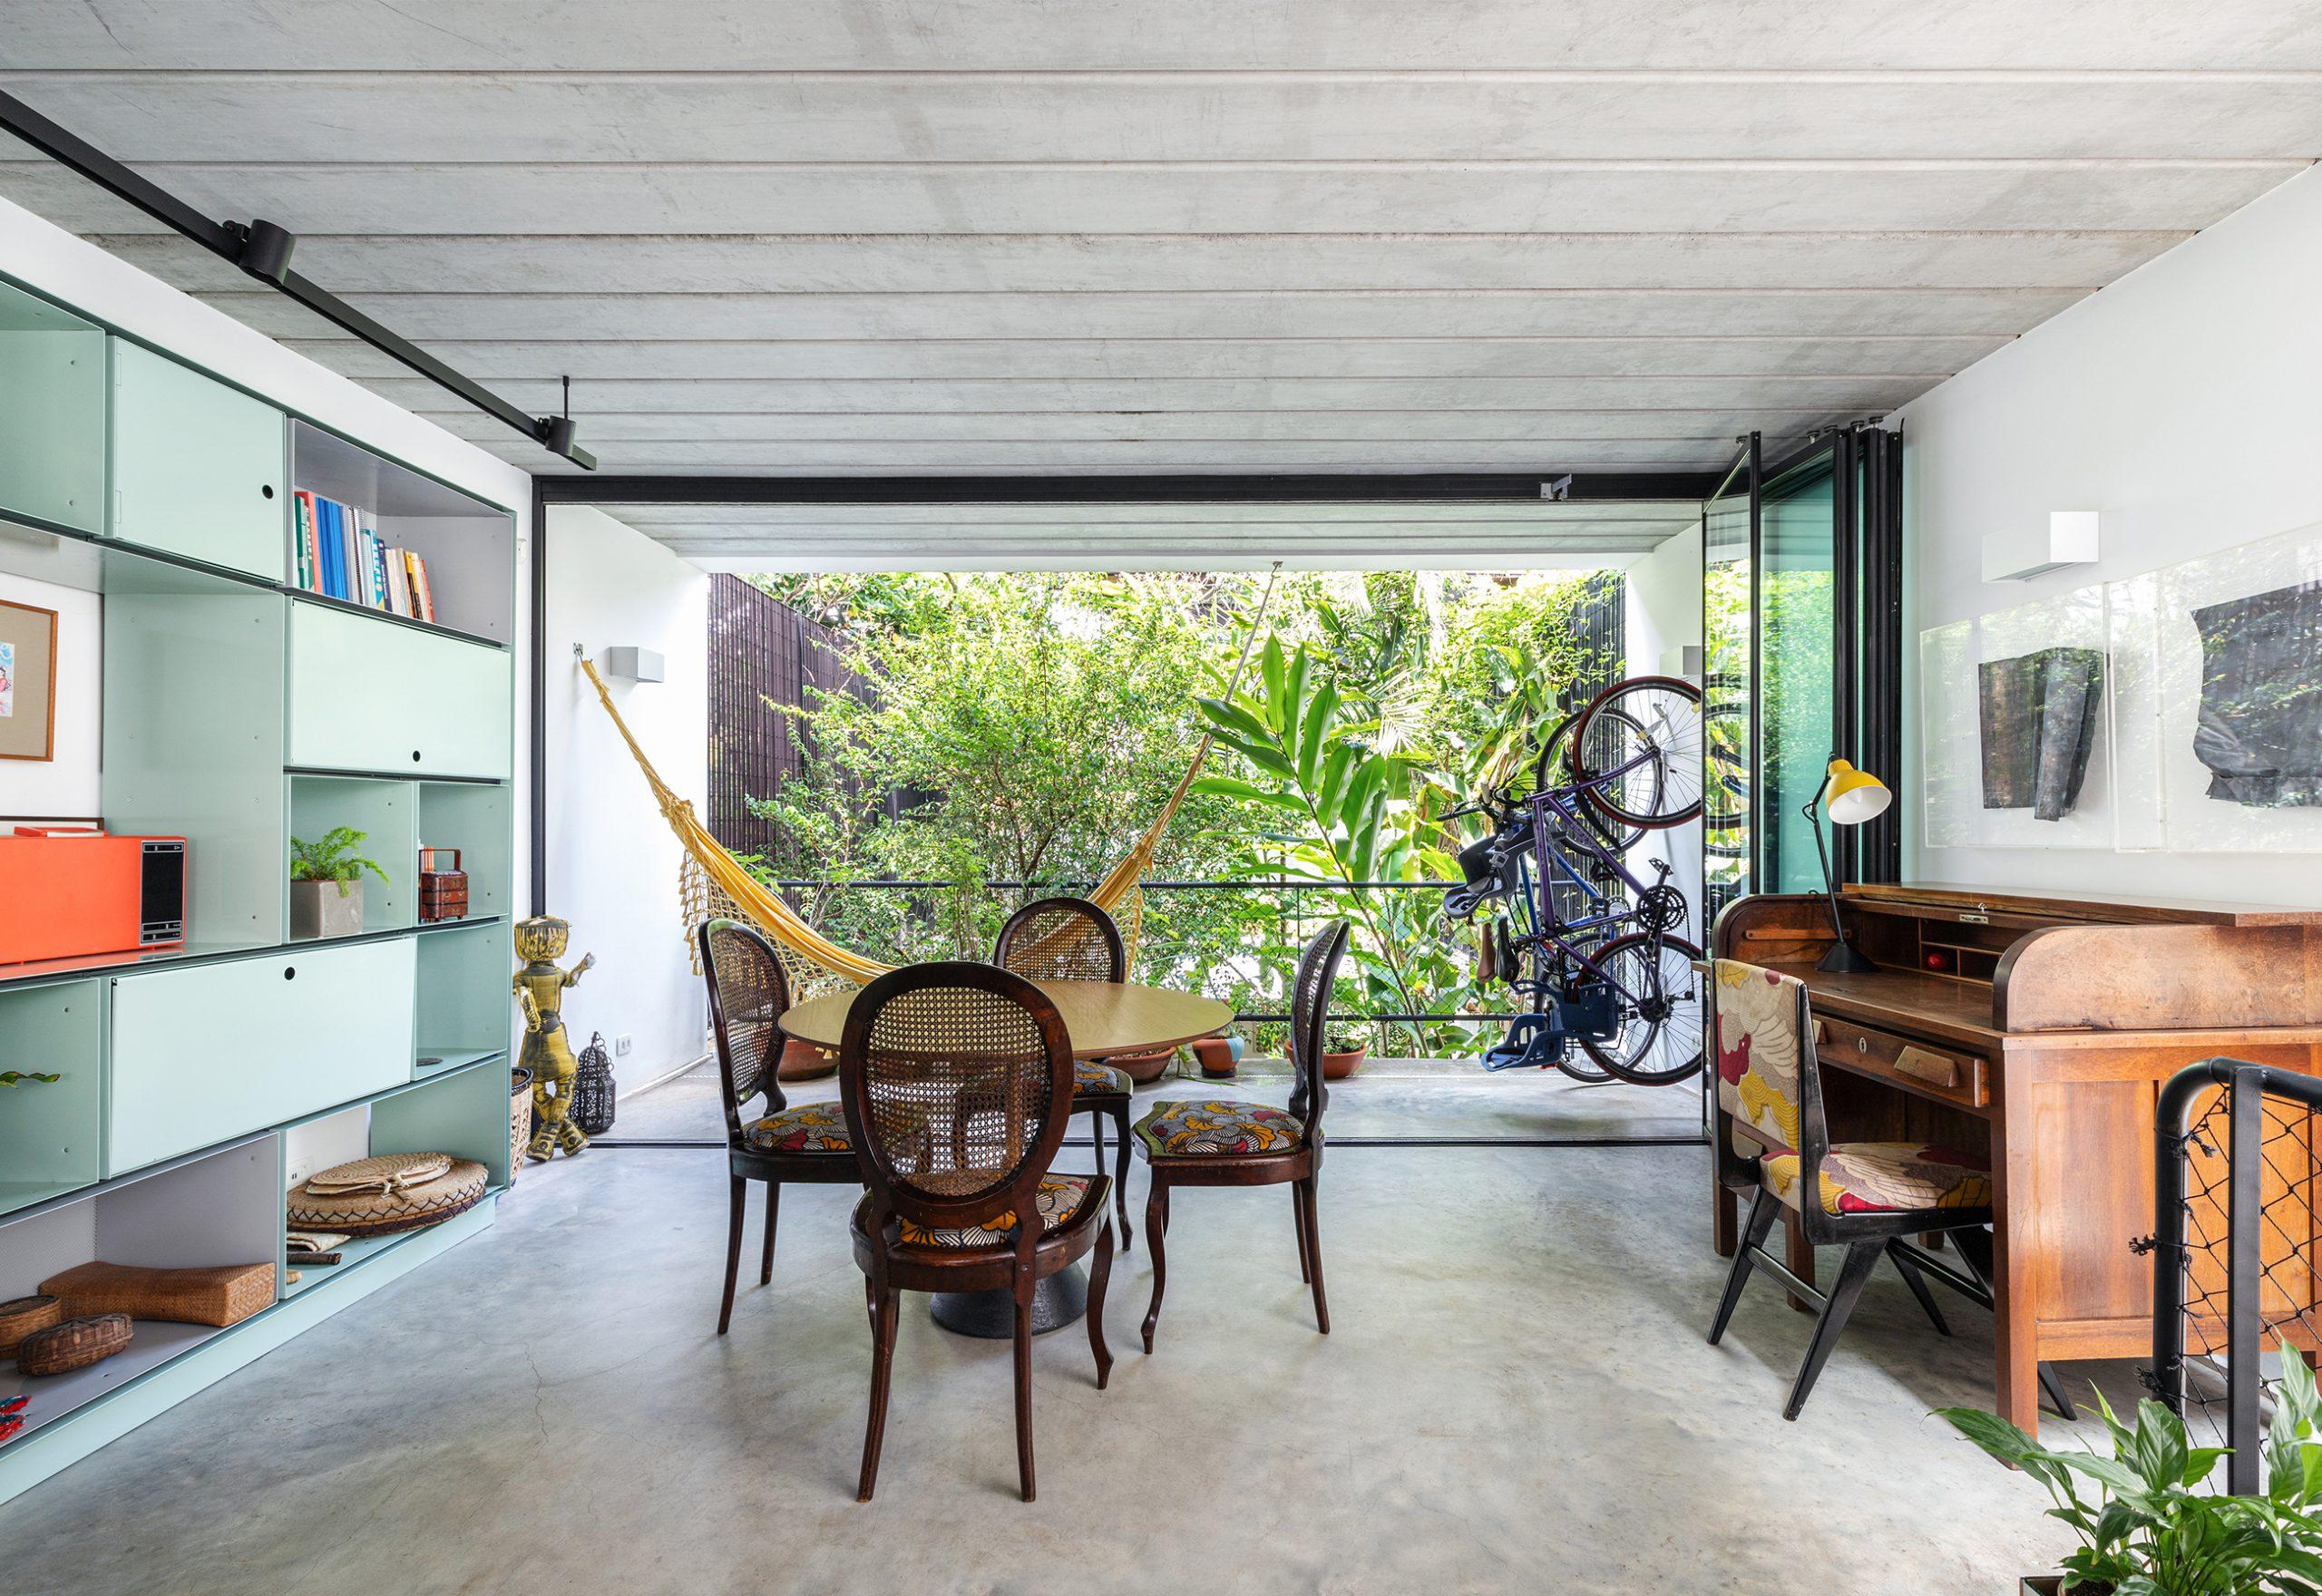 decoração casa sala com estante de metal verde, rede, e mesa de madeira